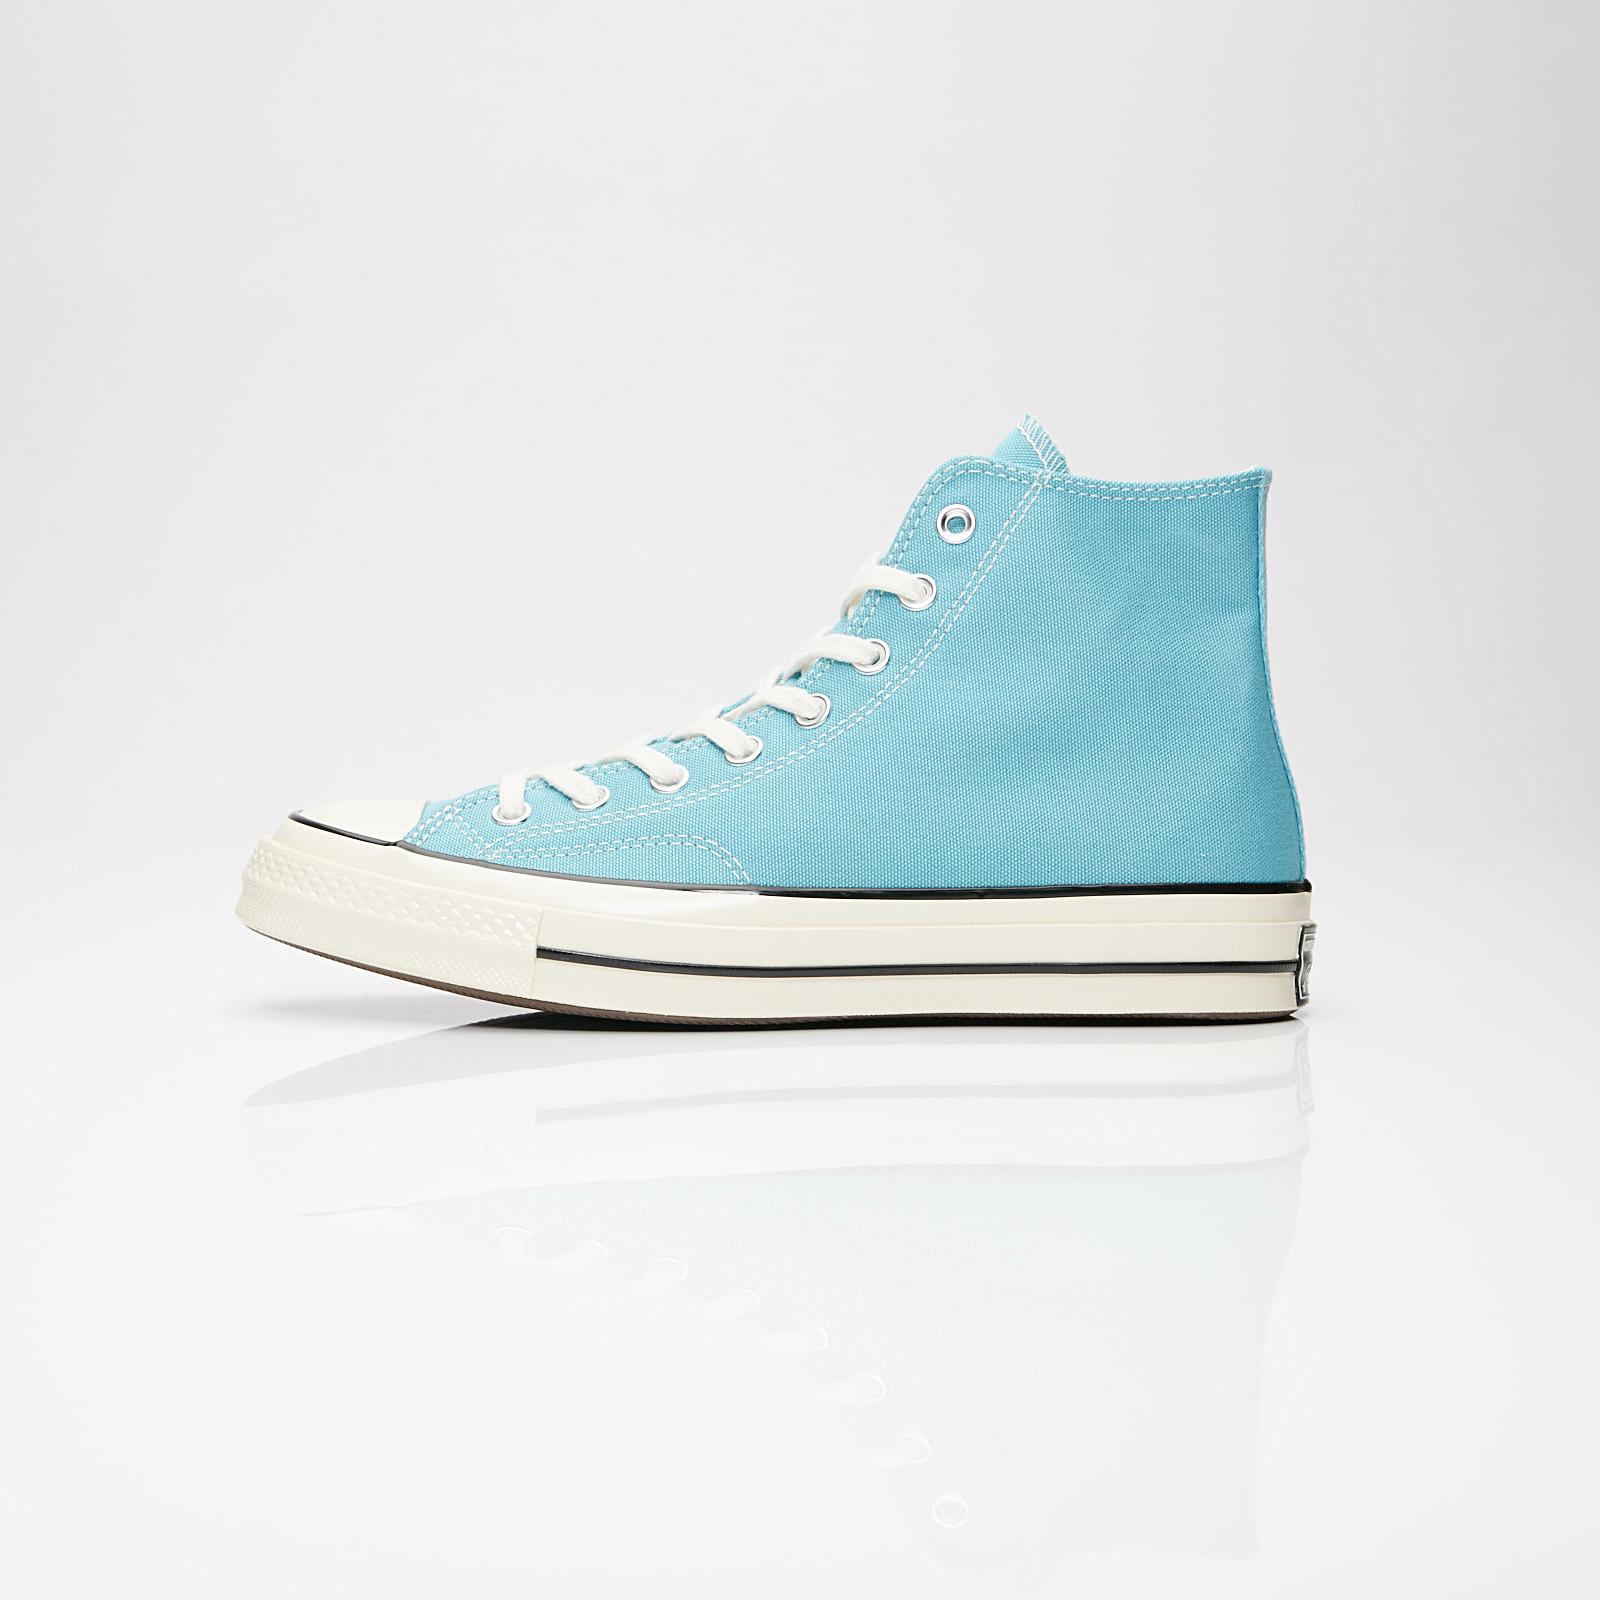 a1dec8decf3b Converse Chuck Taylor 70 - Hi - 161440c - Sneakersnstuff